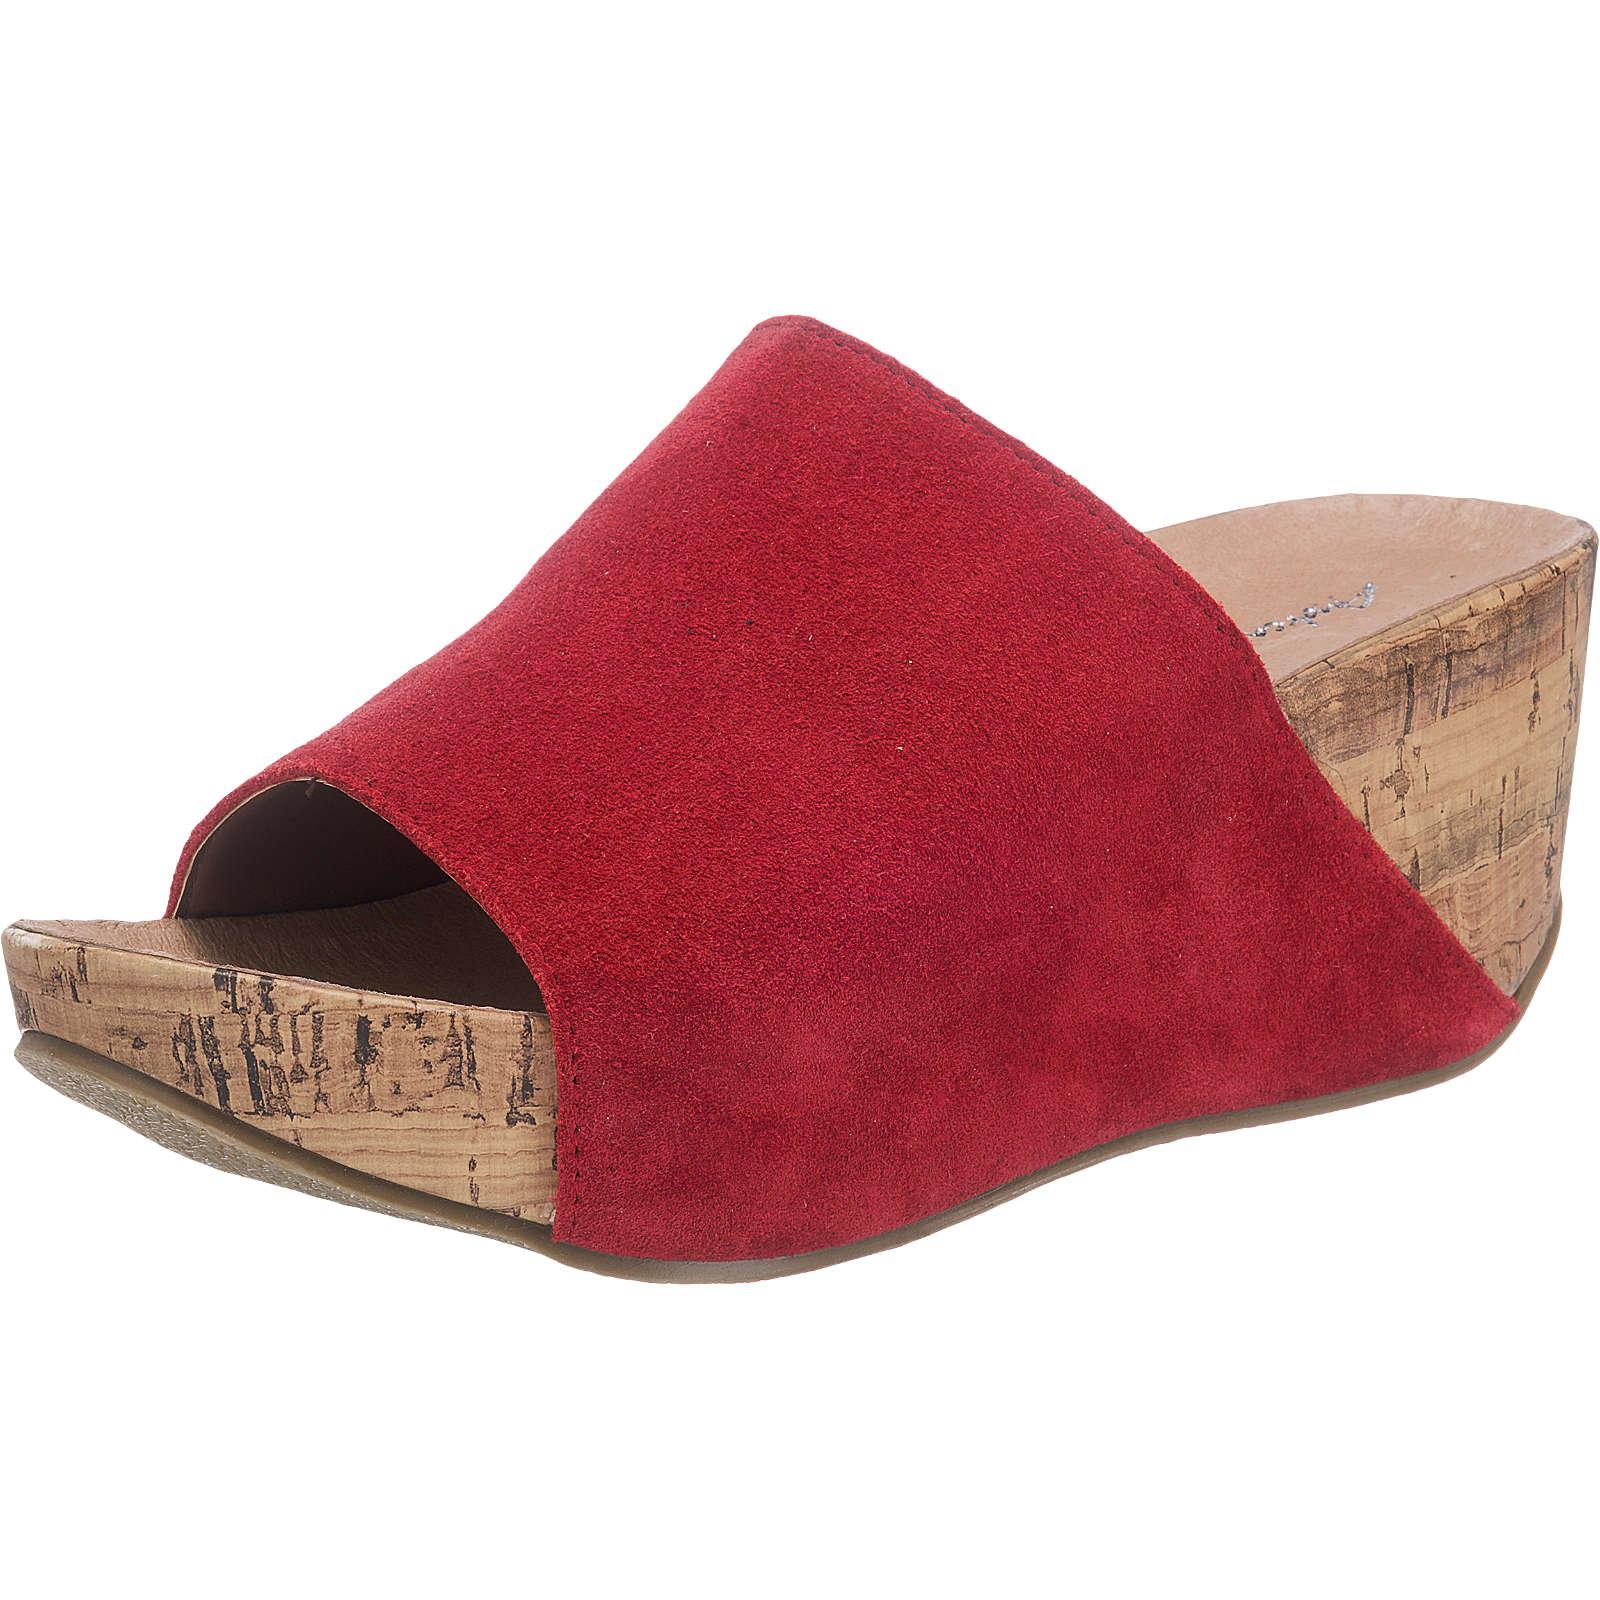 Andrea Conti Pantoletten rot Damen Gr. 37 jetztbilligerkaufen